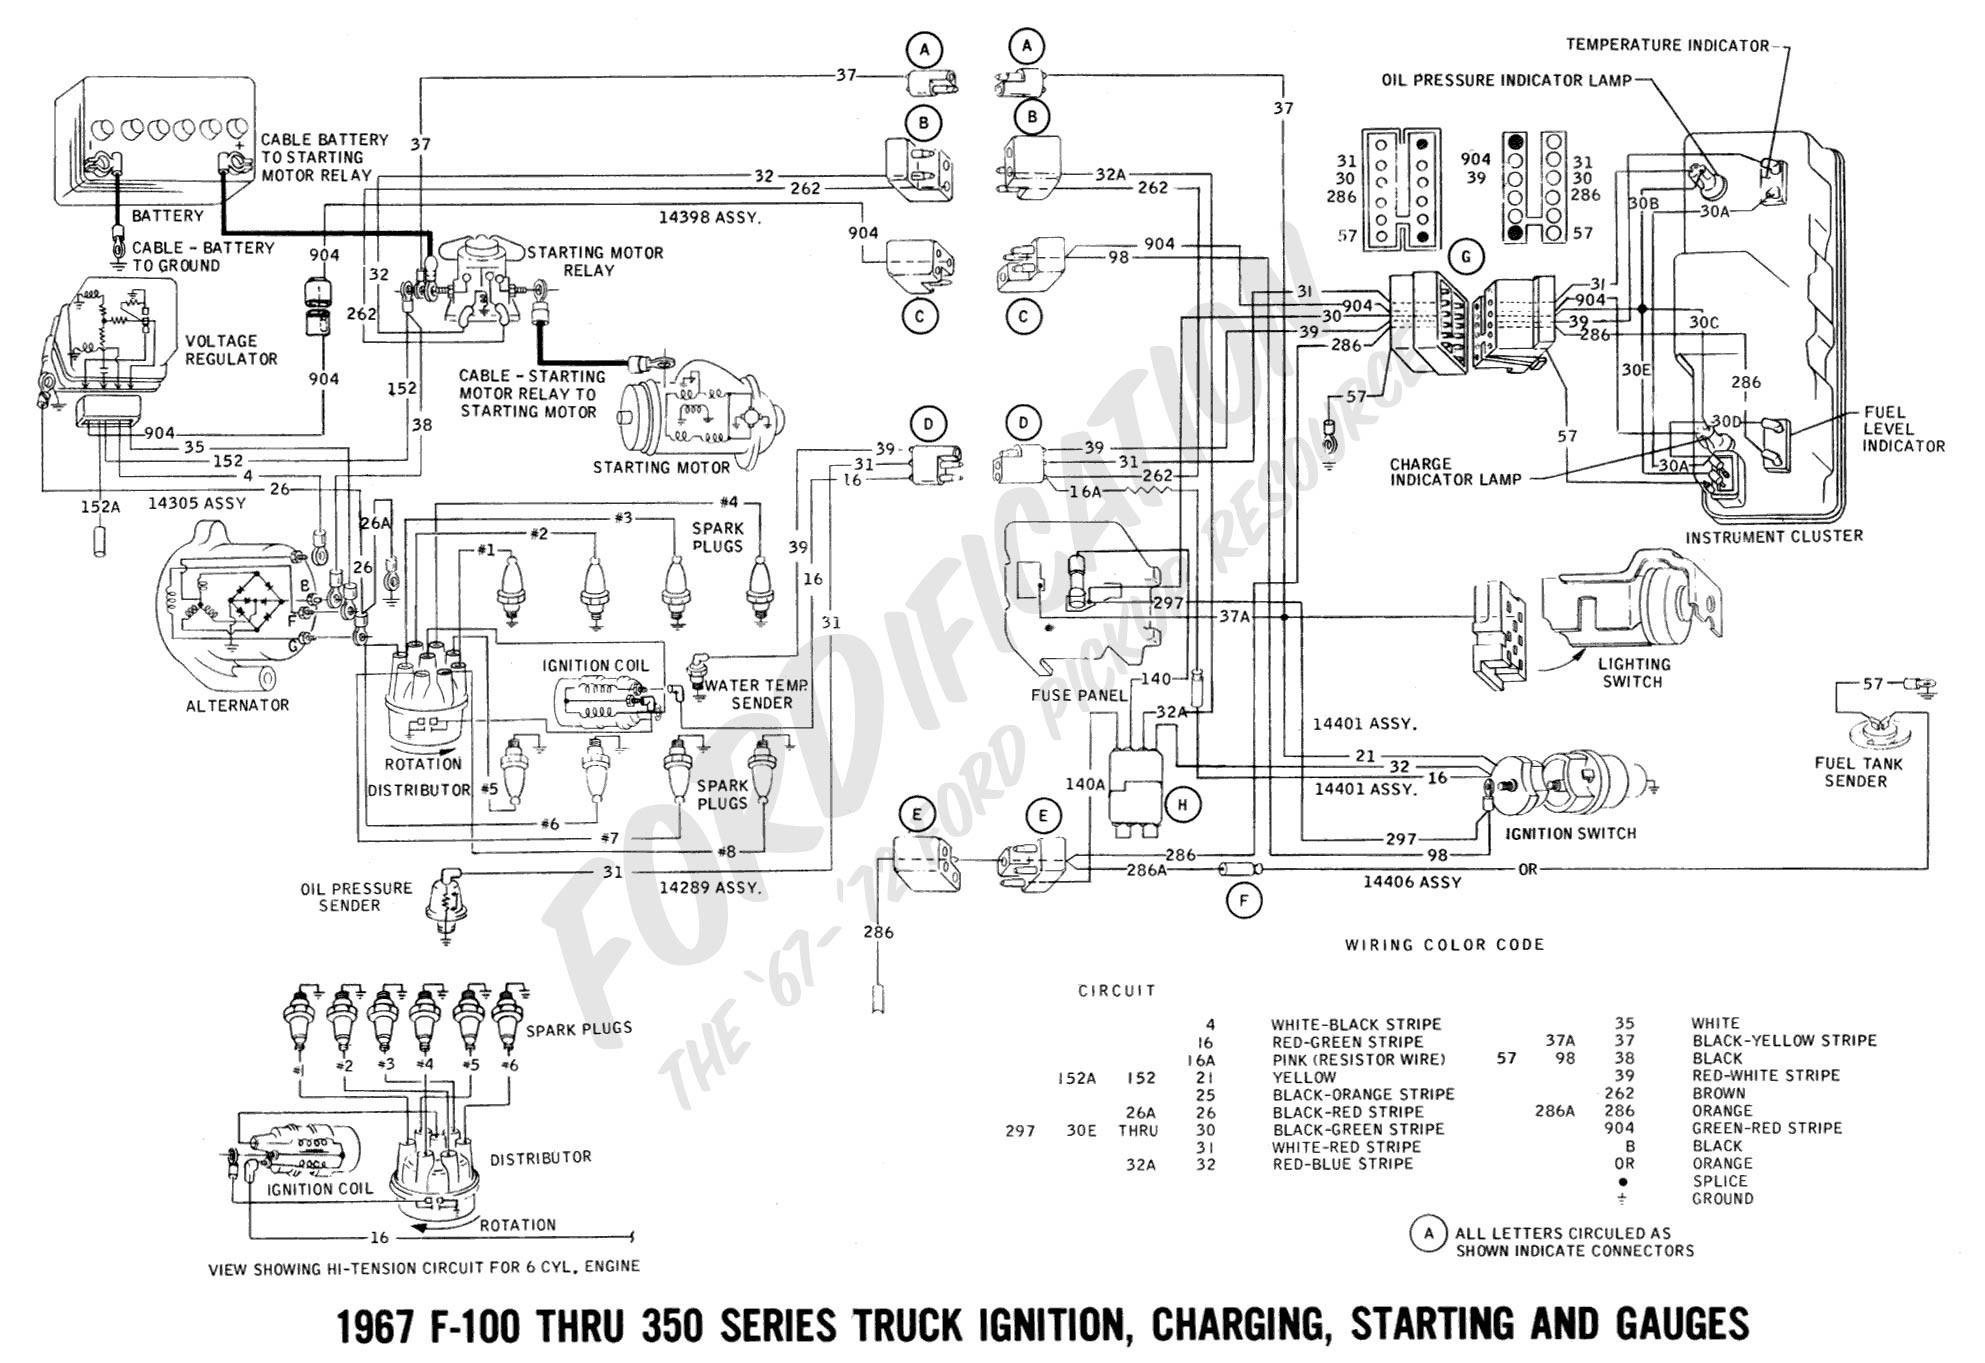 1972 f350 fuse box diagram 1968 f100 fuse box diagram data pre  1968 f100 fuse box diagram data pre